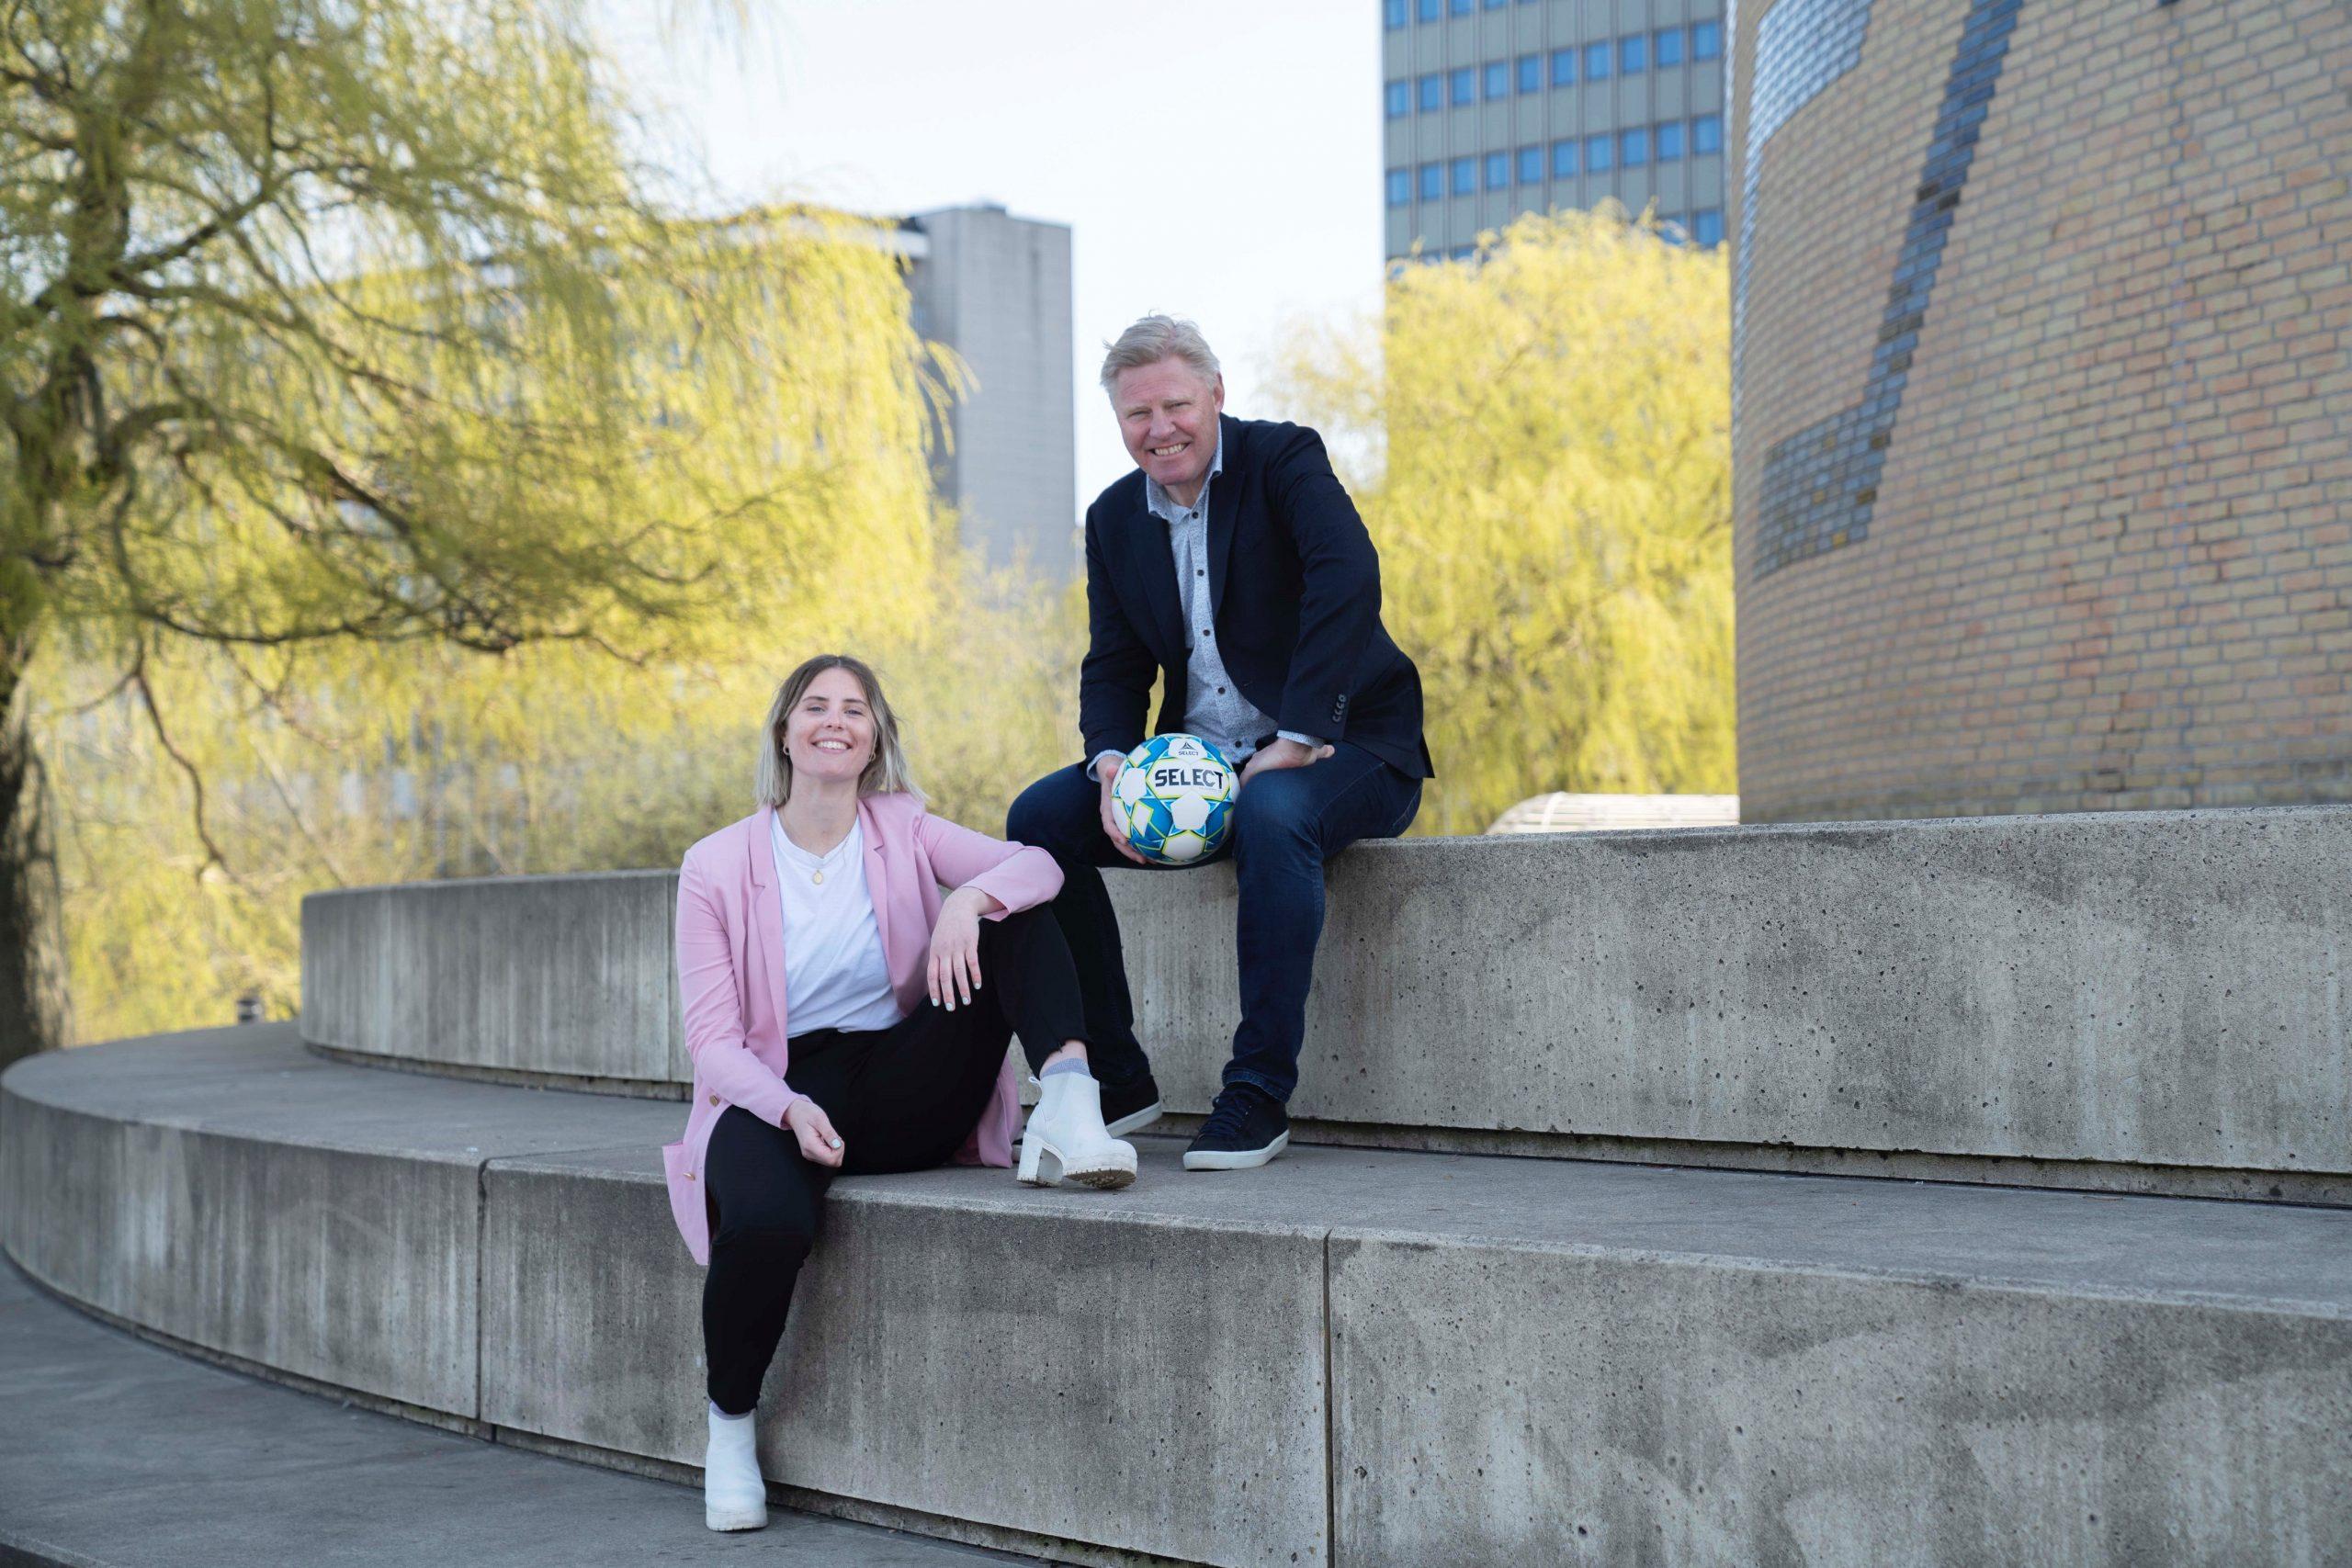 Fodboldfeber, fællesskab og slagsange: Kom til Den Rød-Hvide Koncert i Aalborg